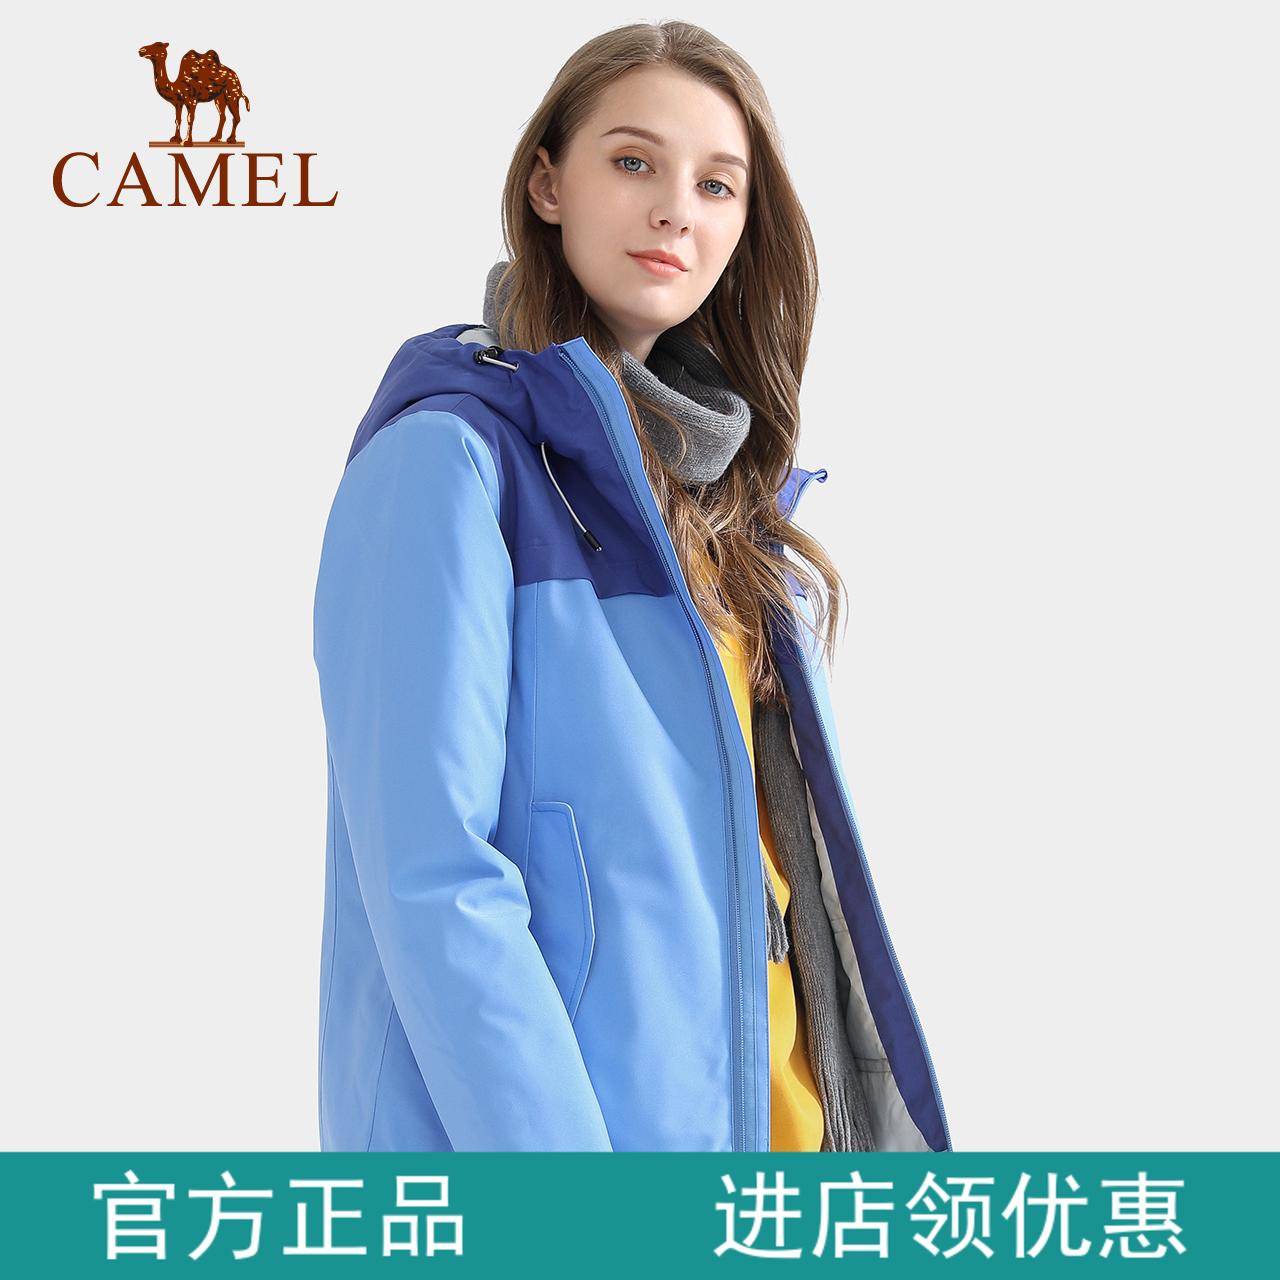 骆驼棉衣女装外套加绒加厚登山服